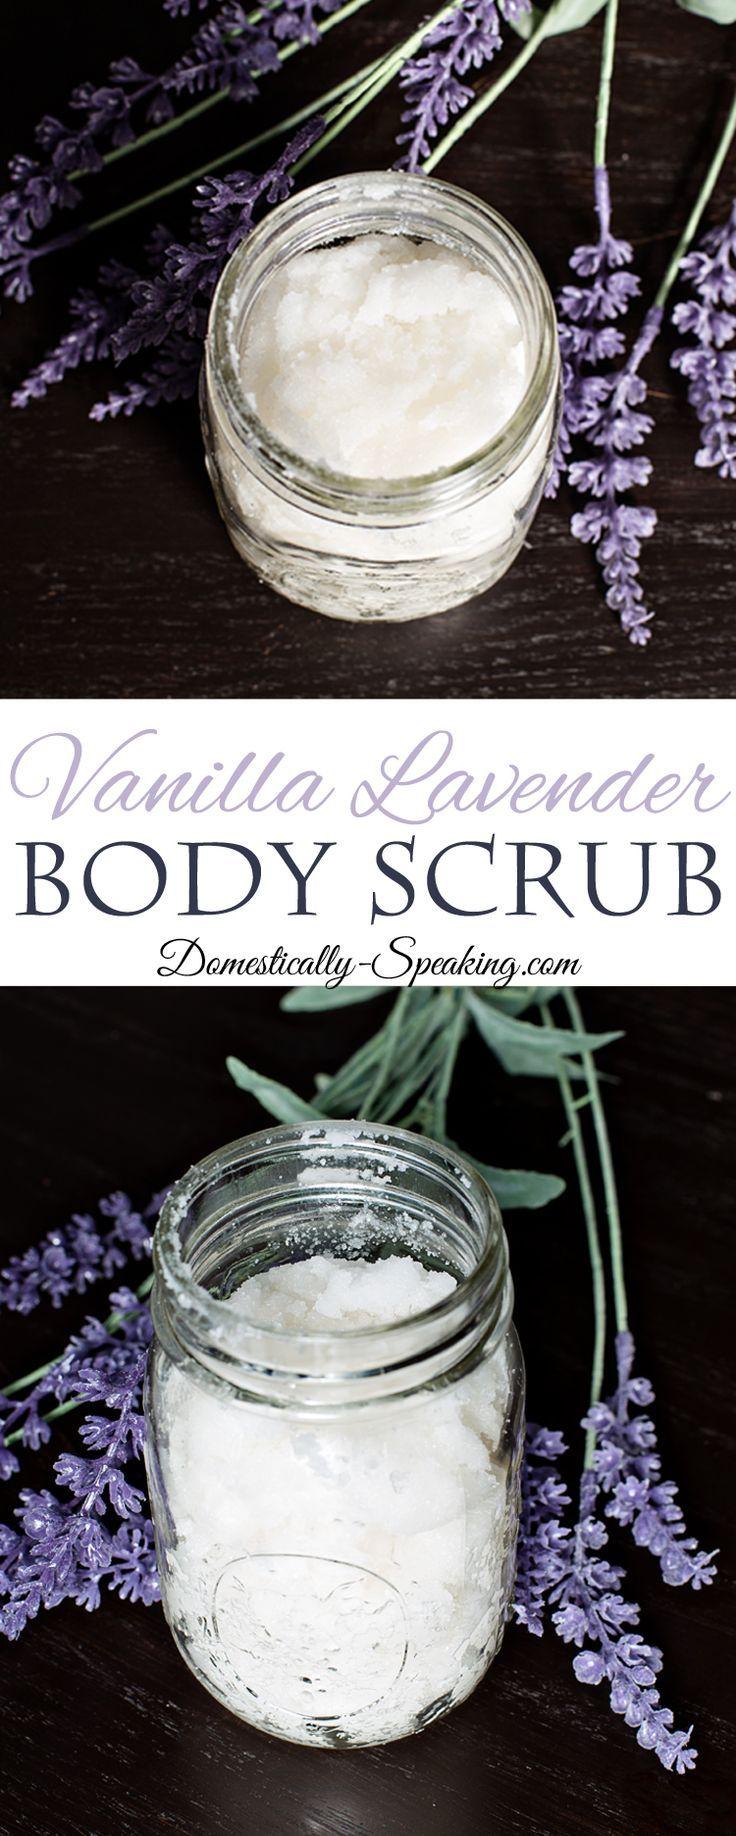 Vanilla Lavender Body Scrub a Homemade Body Scrub Recipe